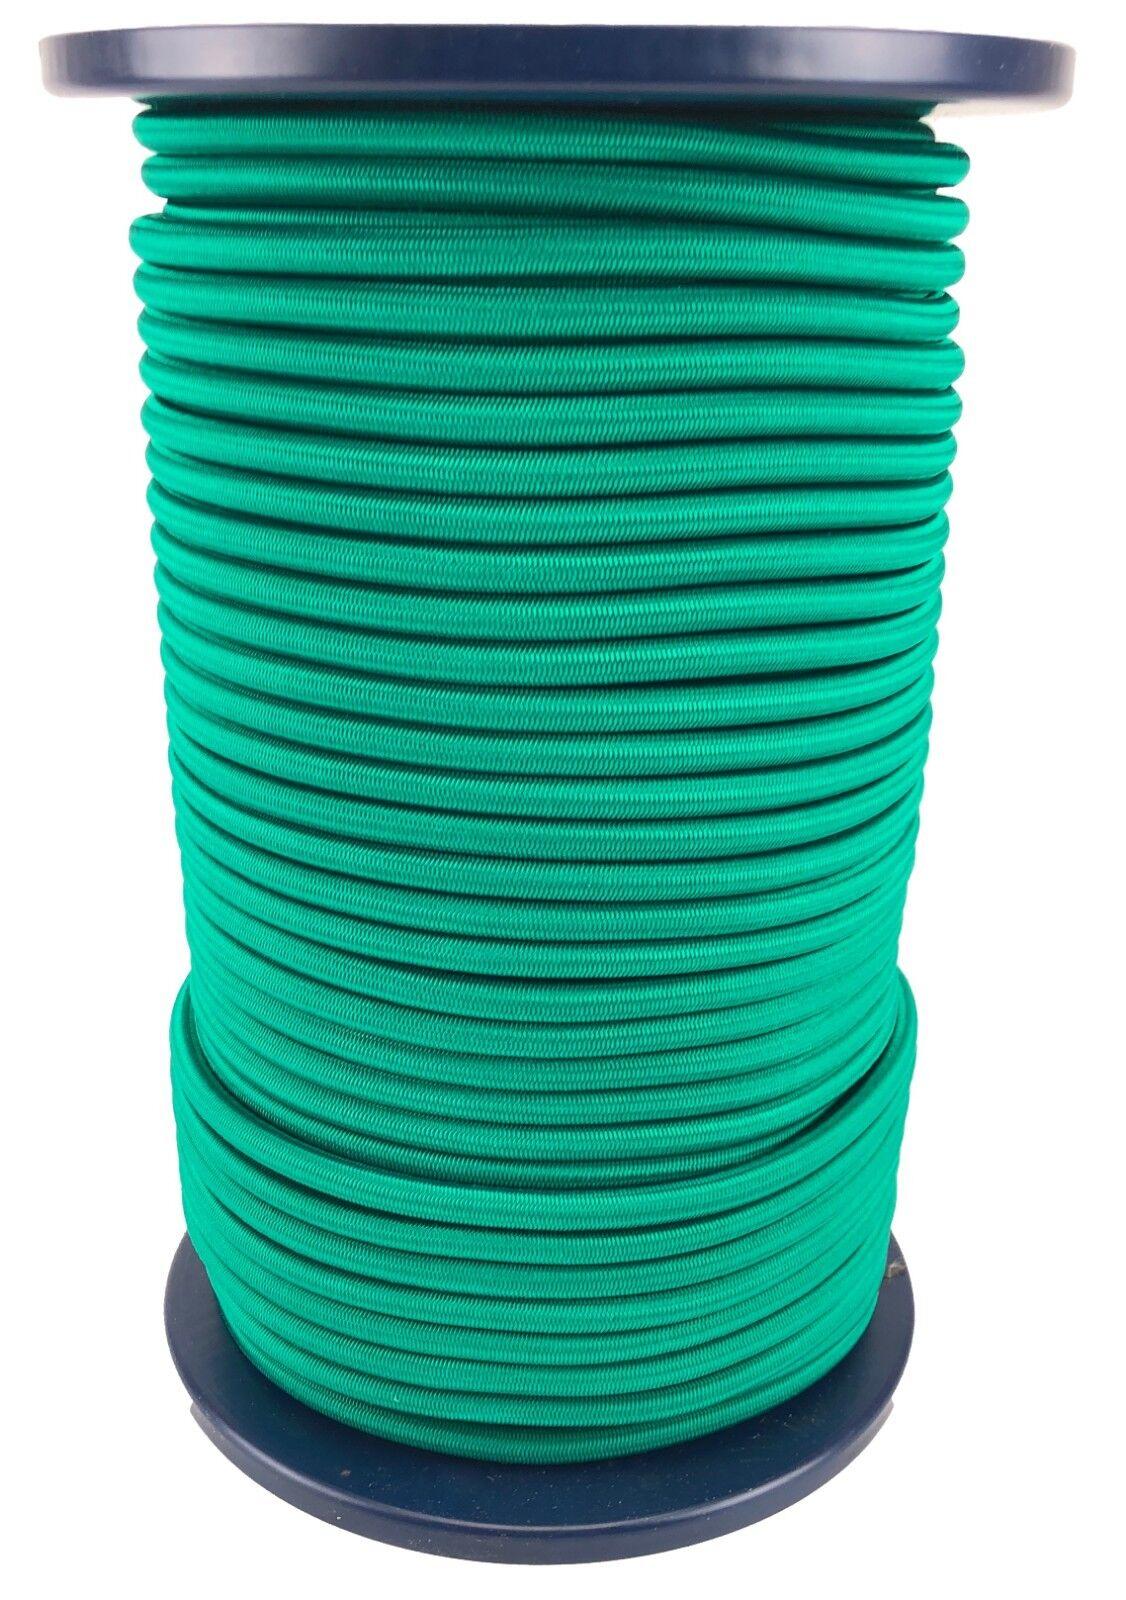 12mm Smaragdgrün Elastischer Gummizug Seil X 20 Meter Krawatte Unten